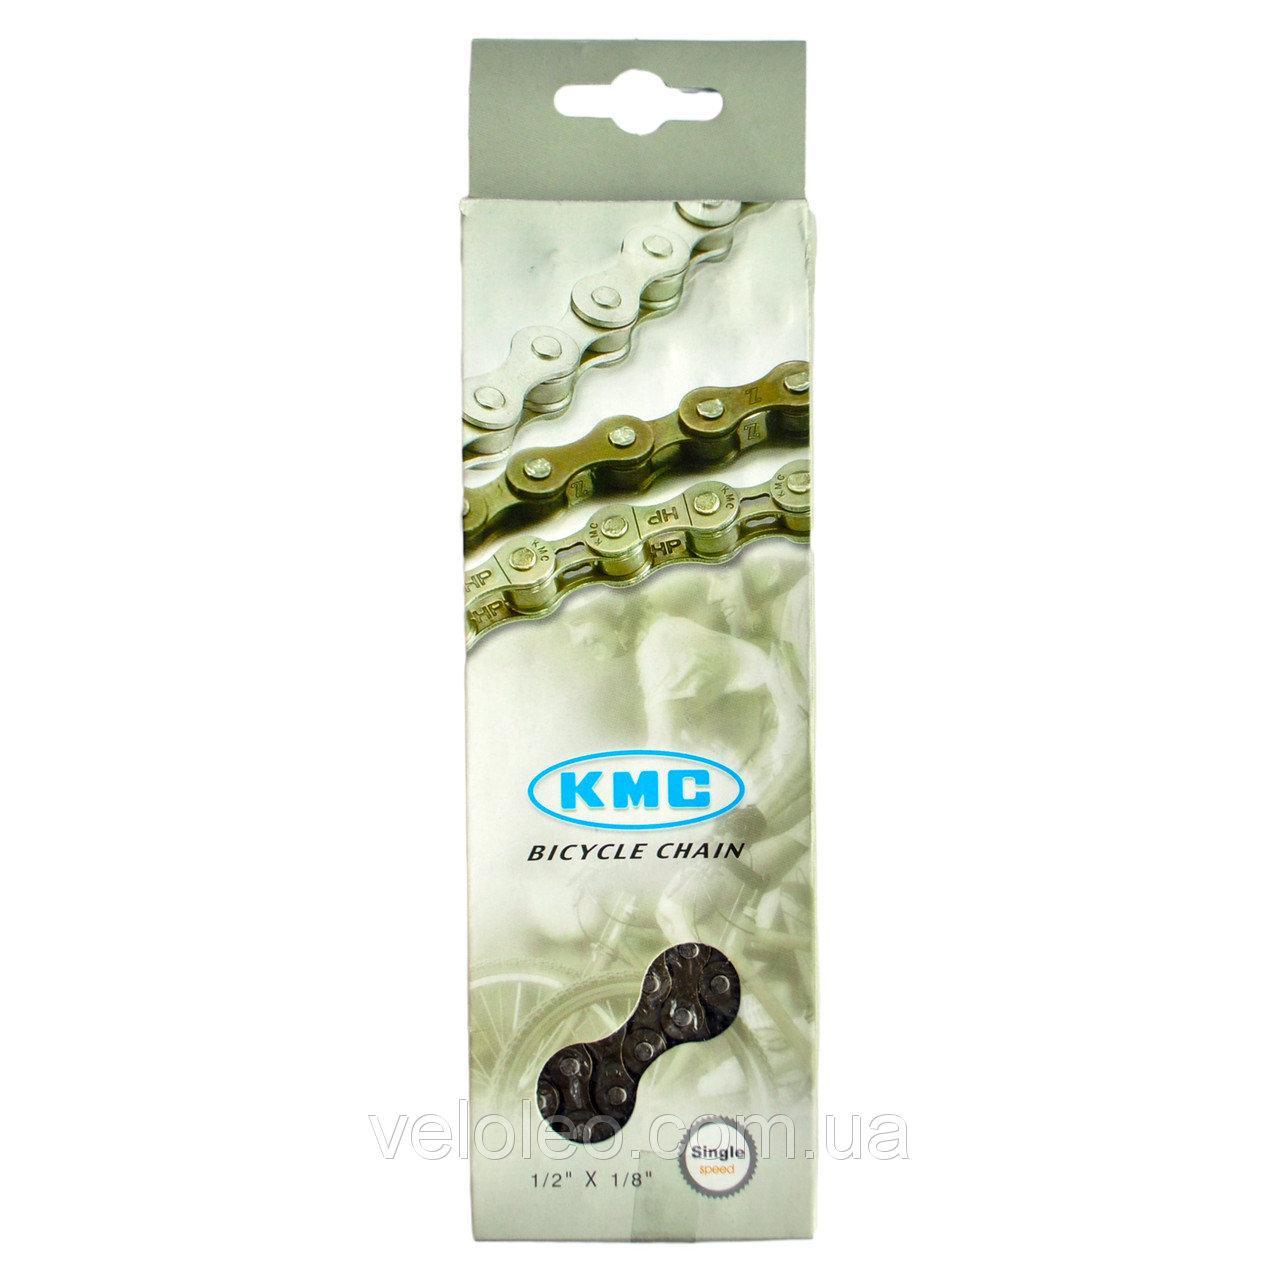 Ланцюг до велосипеда KMC Z410 1/2х1/8х112L